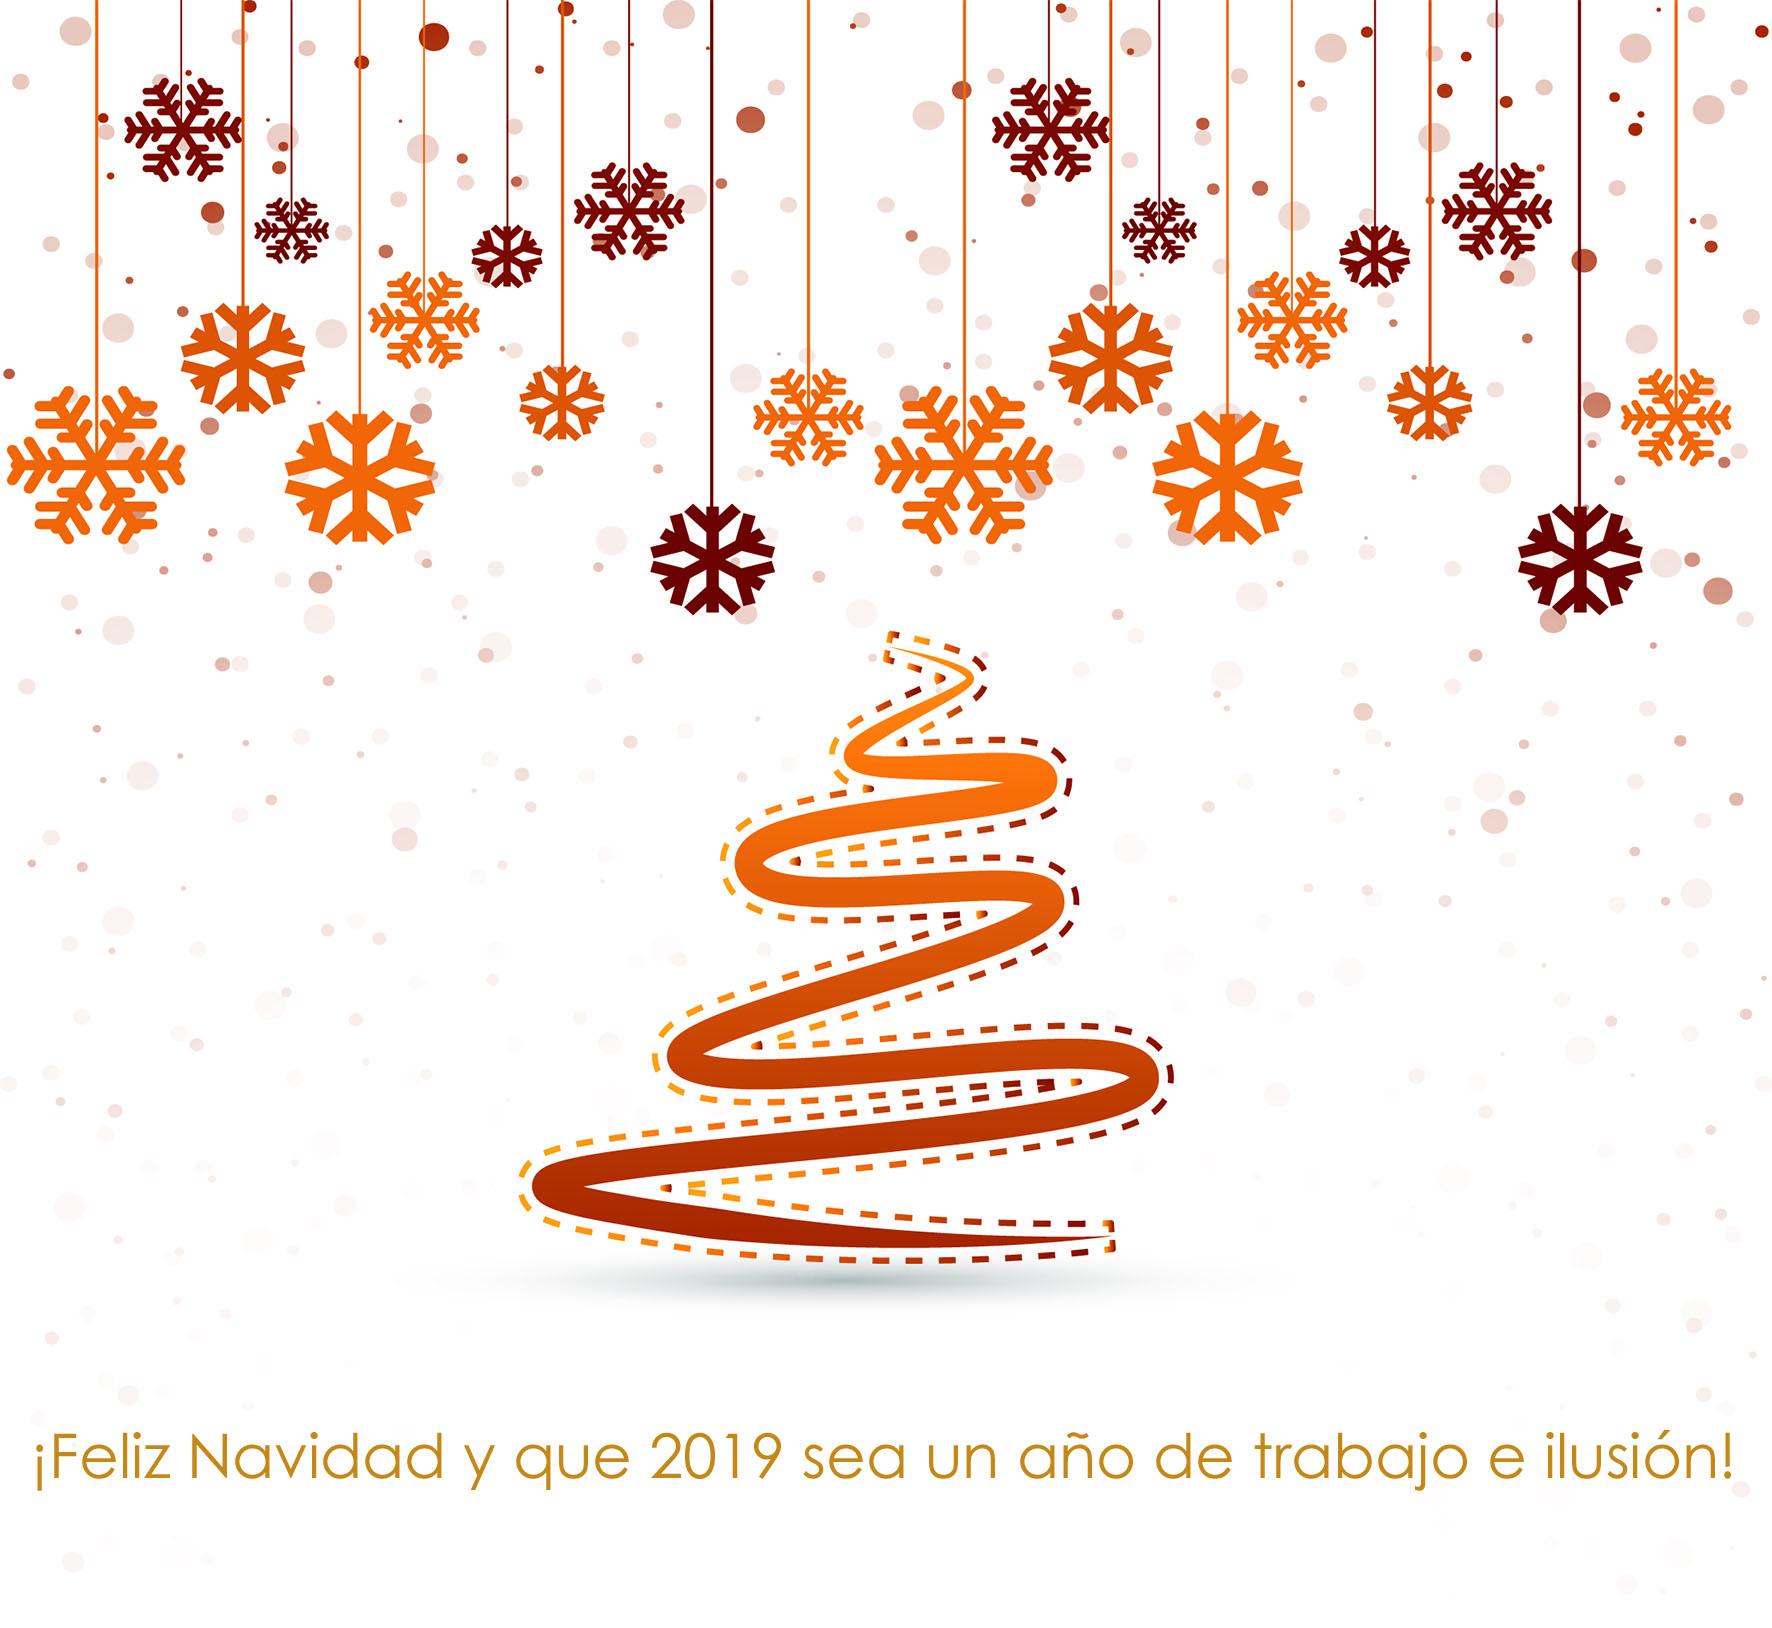 Feliz Navidad | Proyectos Culturales | Gestión del patrimonio cultural | Proyectos, actividades y formación